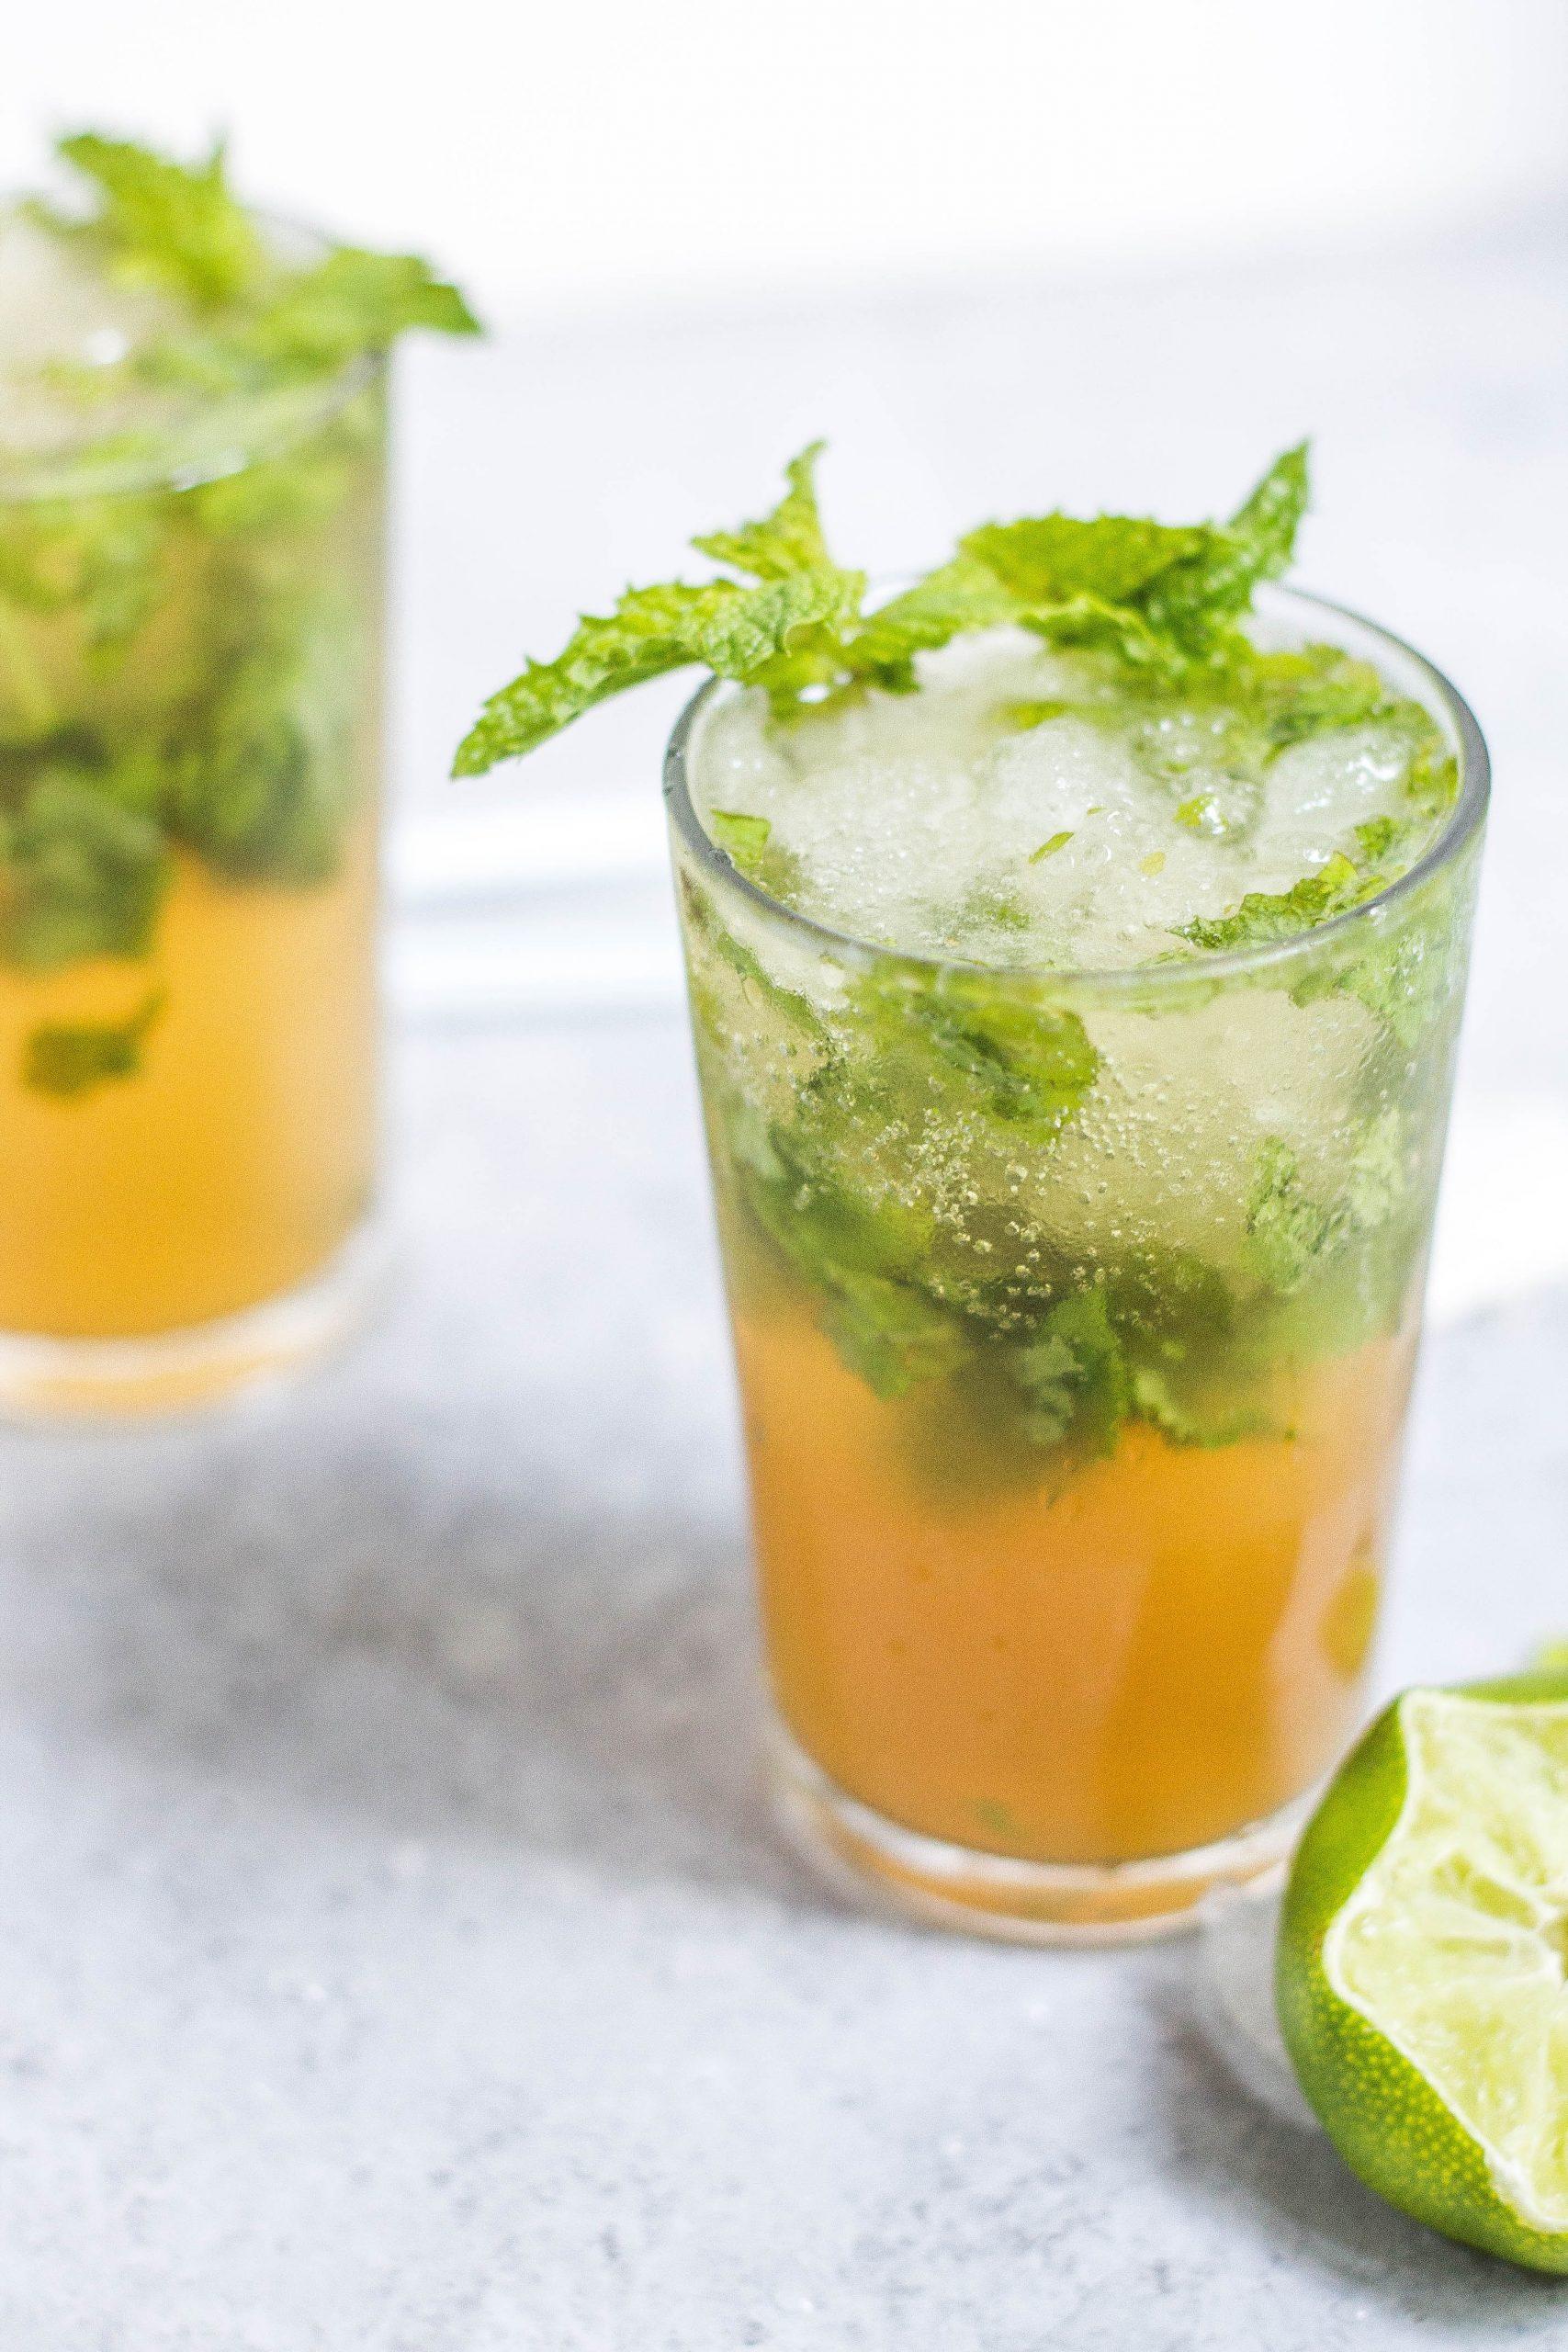 iced tea with loose leaf